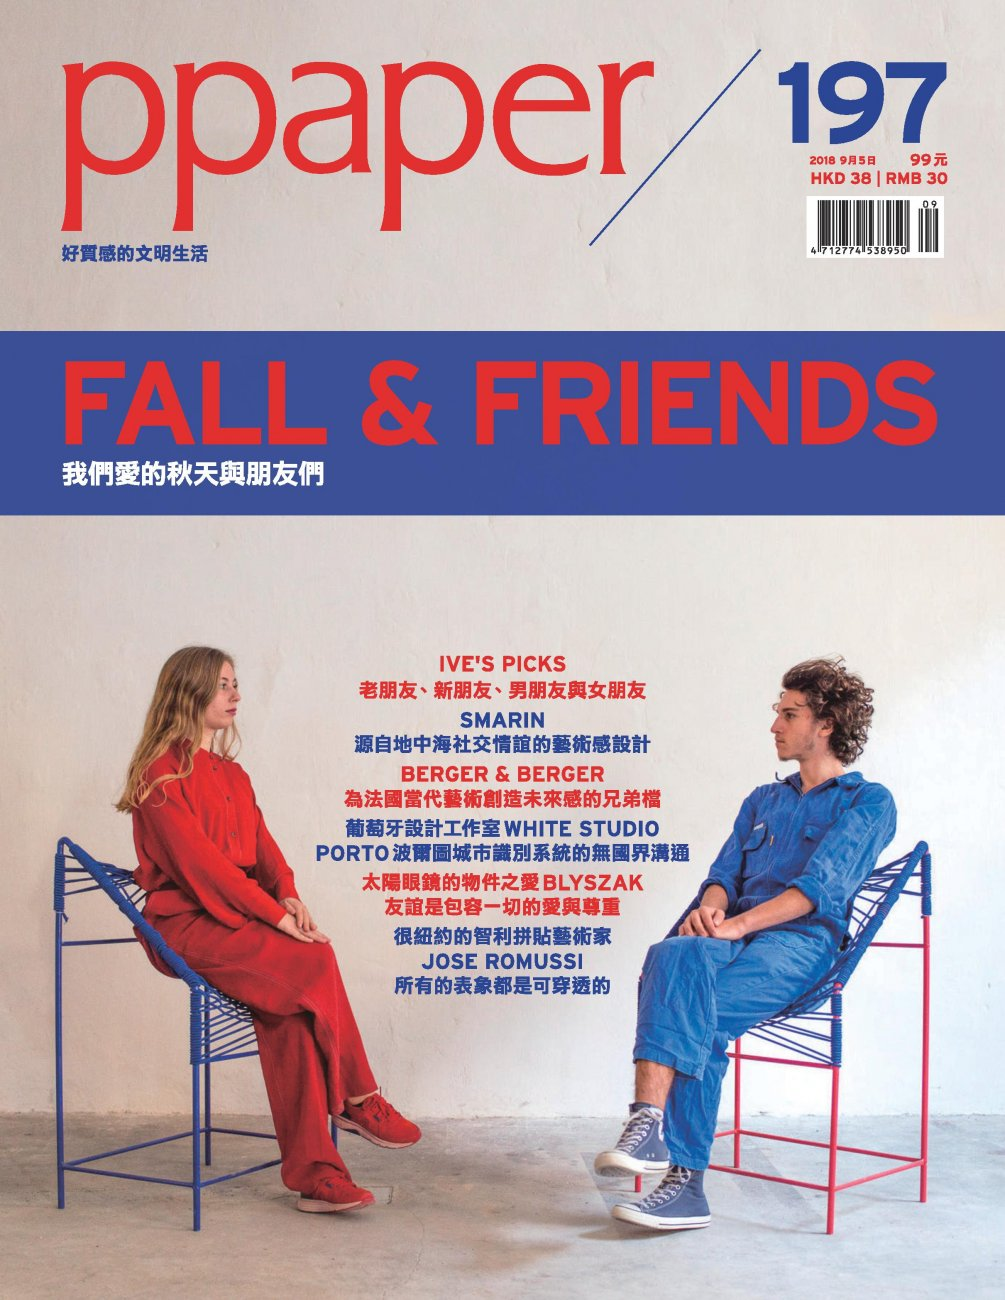 ppaper / September 2018 / ppaper